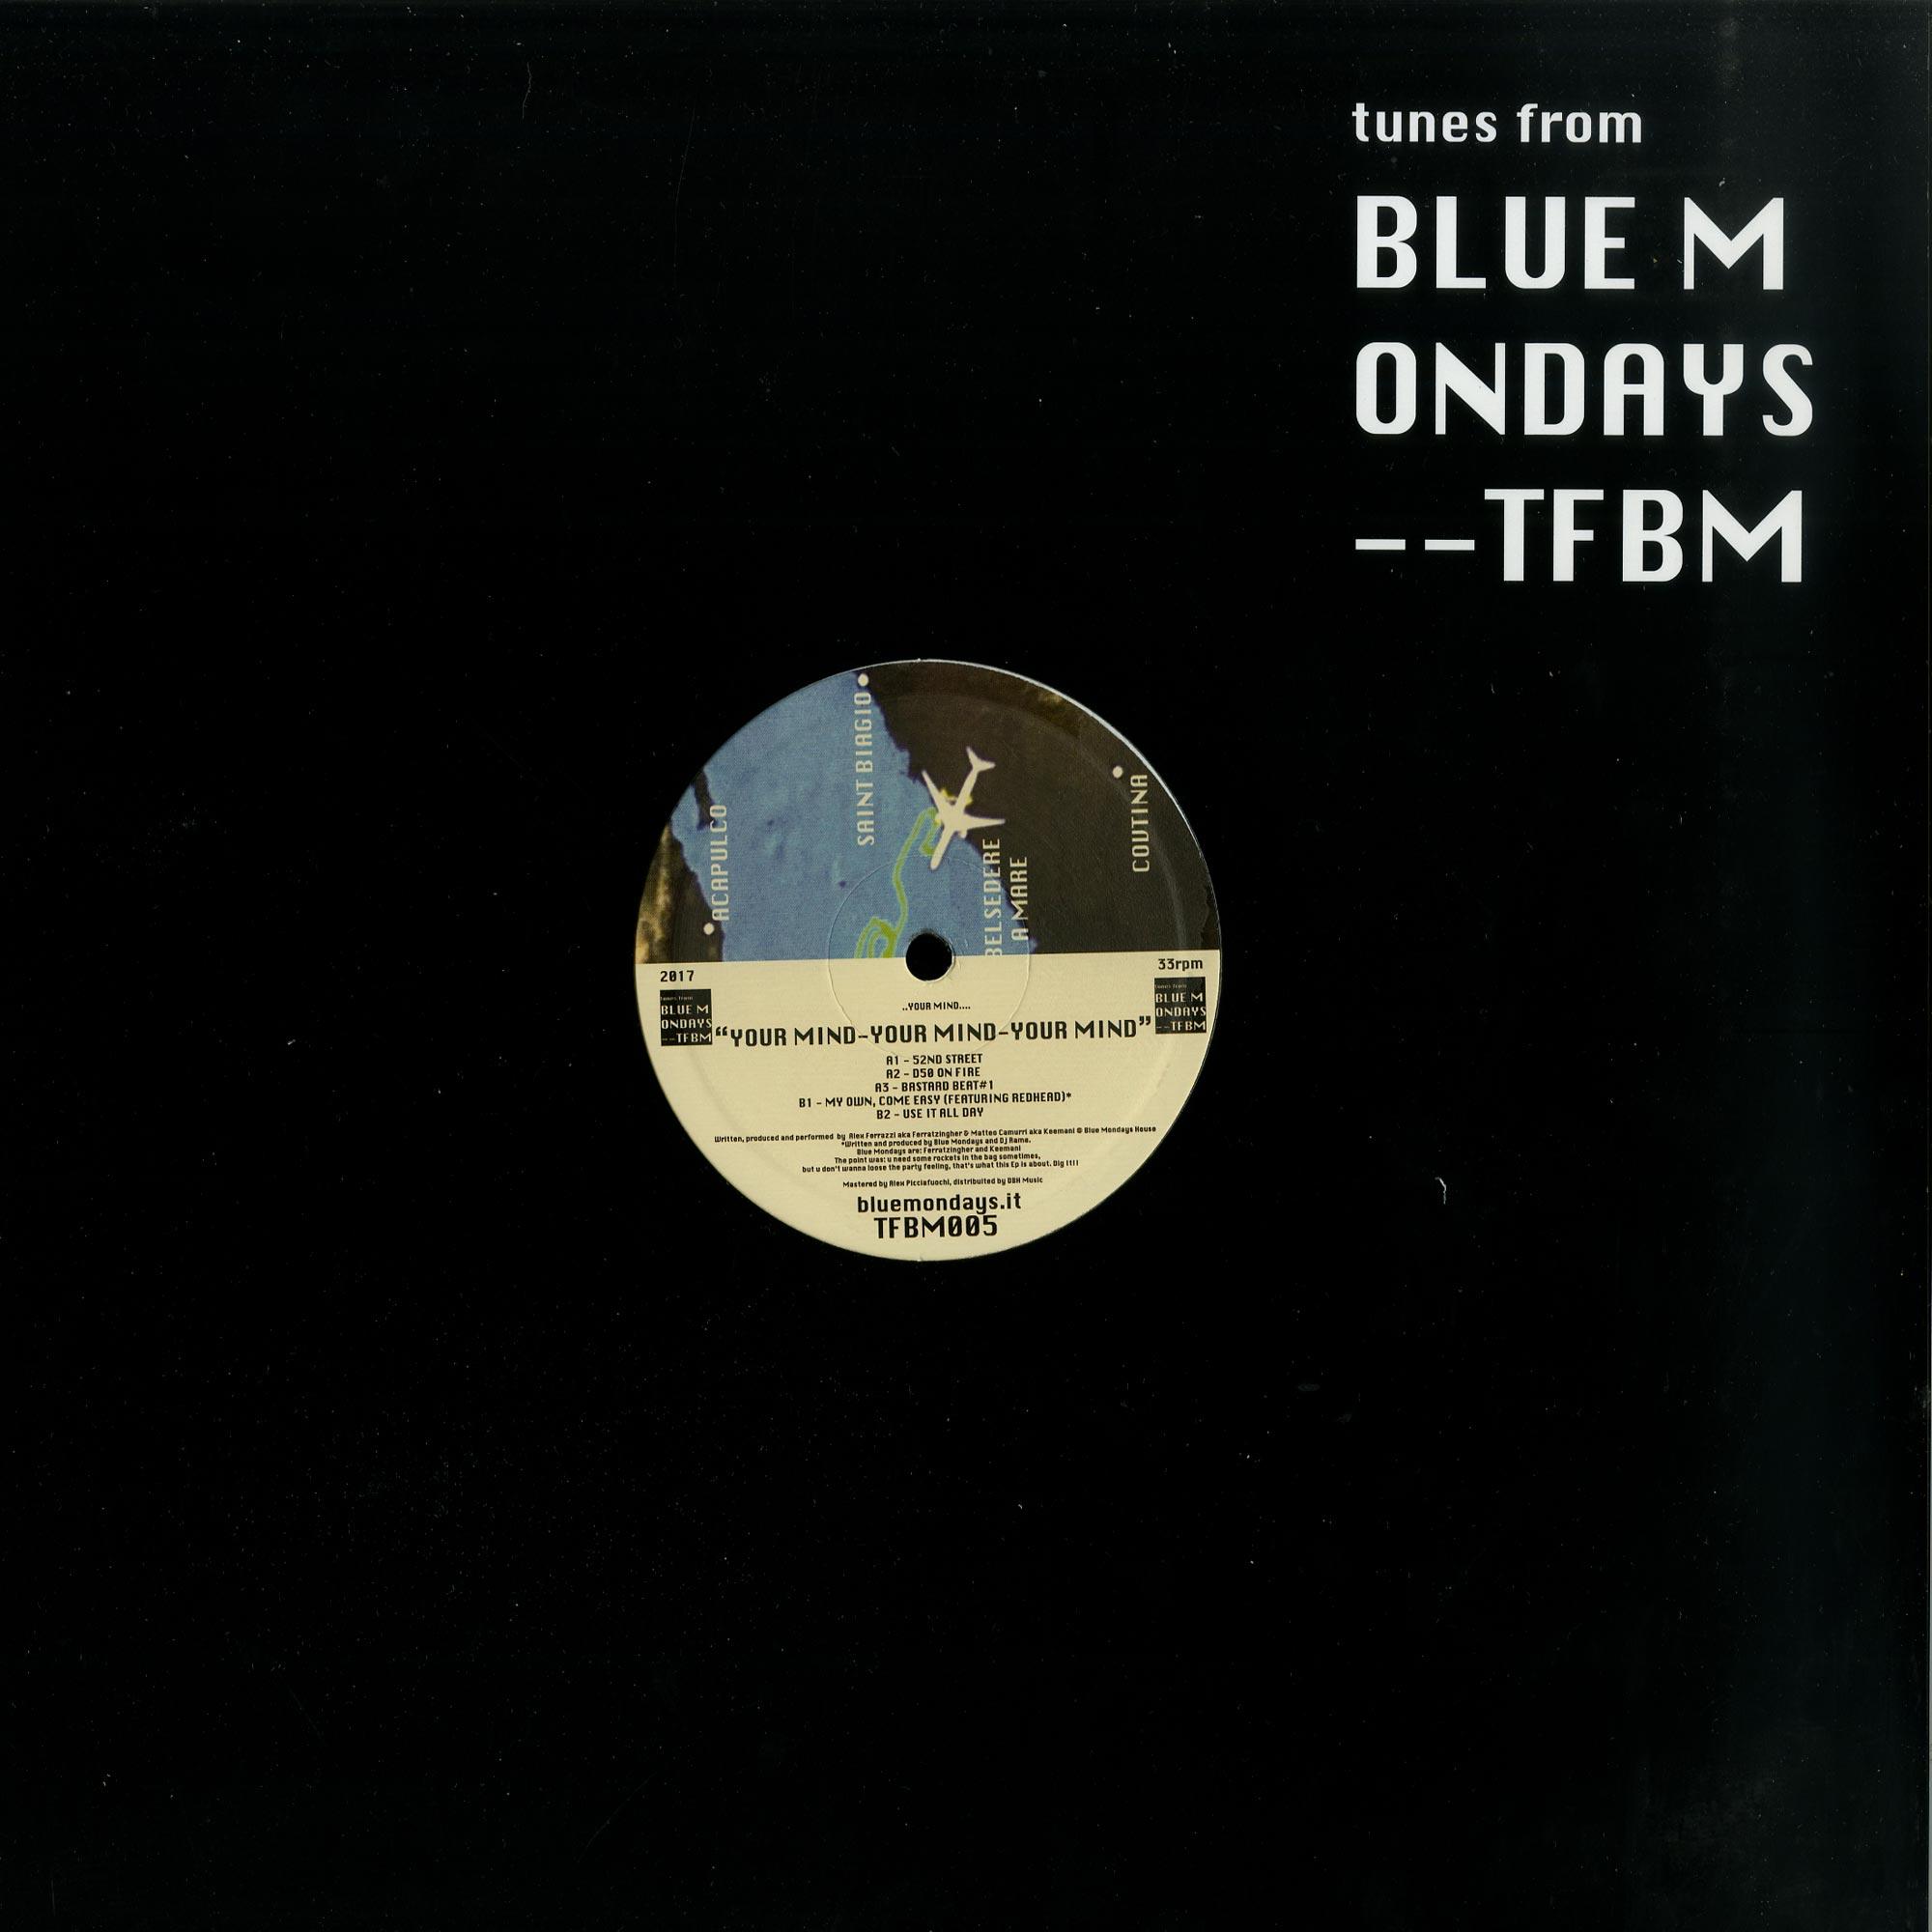 Blue Mondays - YOUR MIND YOUR MIND YOUR MIND